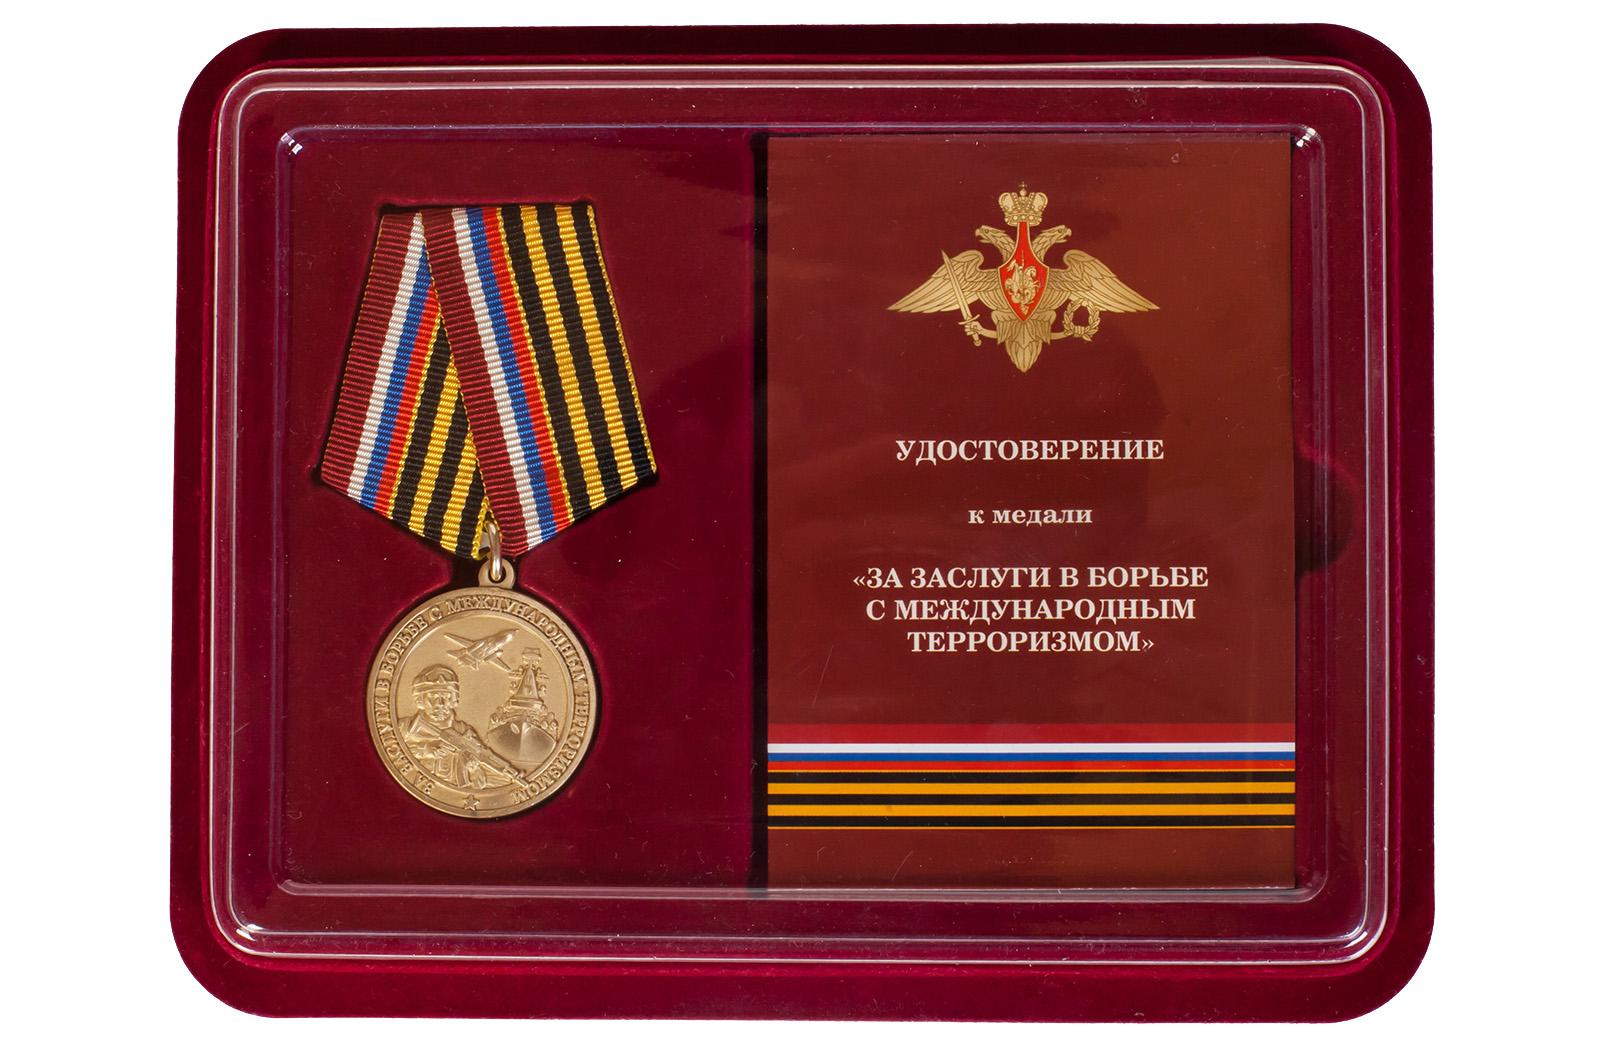 """Медаль """"За заслуги в борьбе с международным терроризмом"""" с удостоверением - по выгодной цене"""